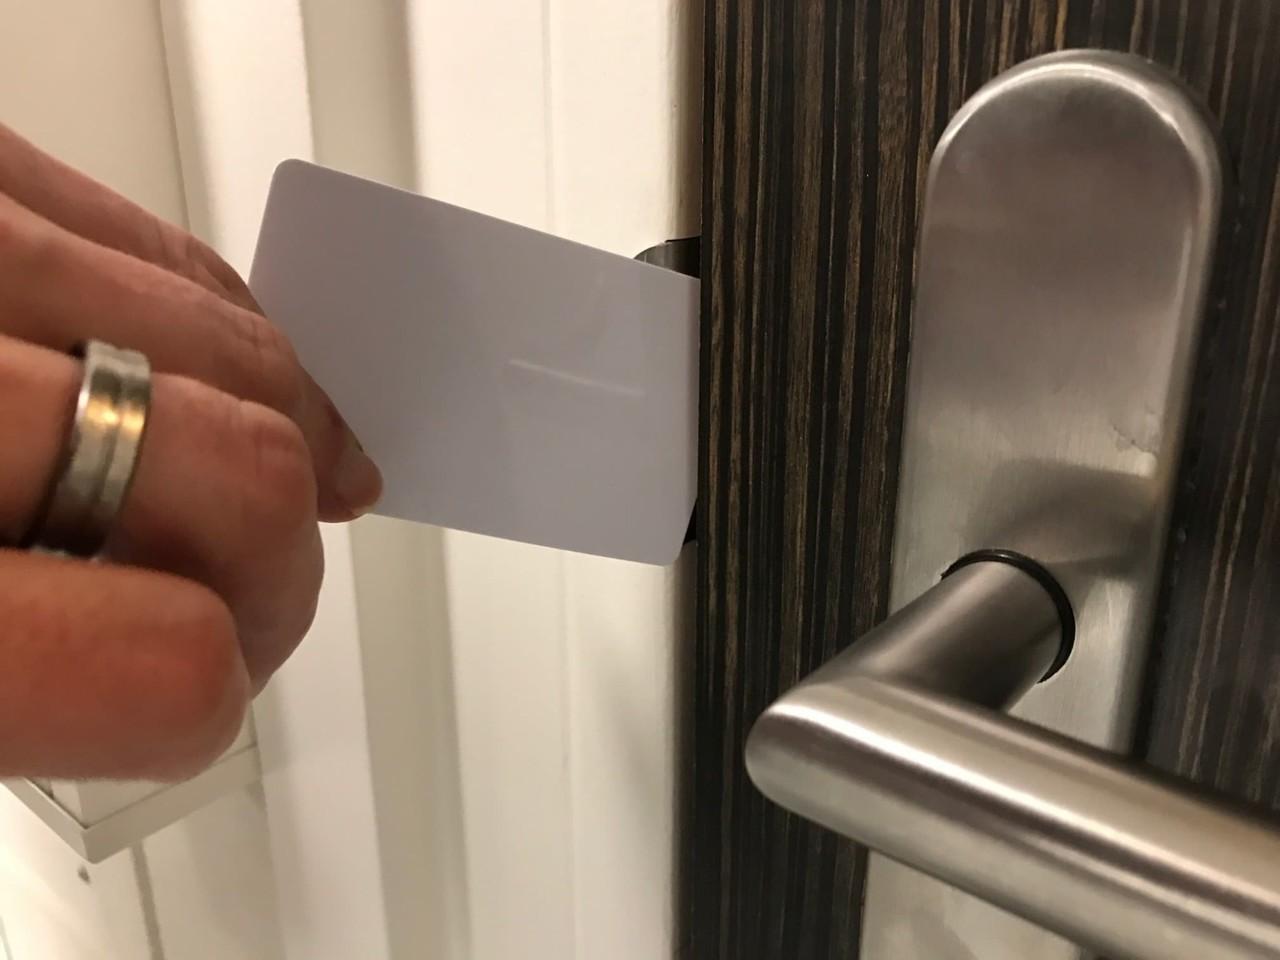 Deur openen met een plastic pas